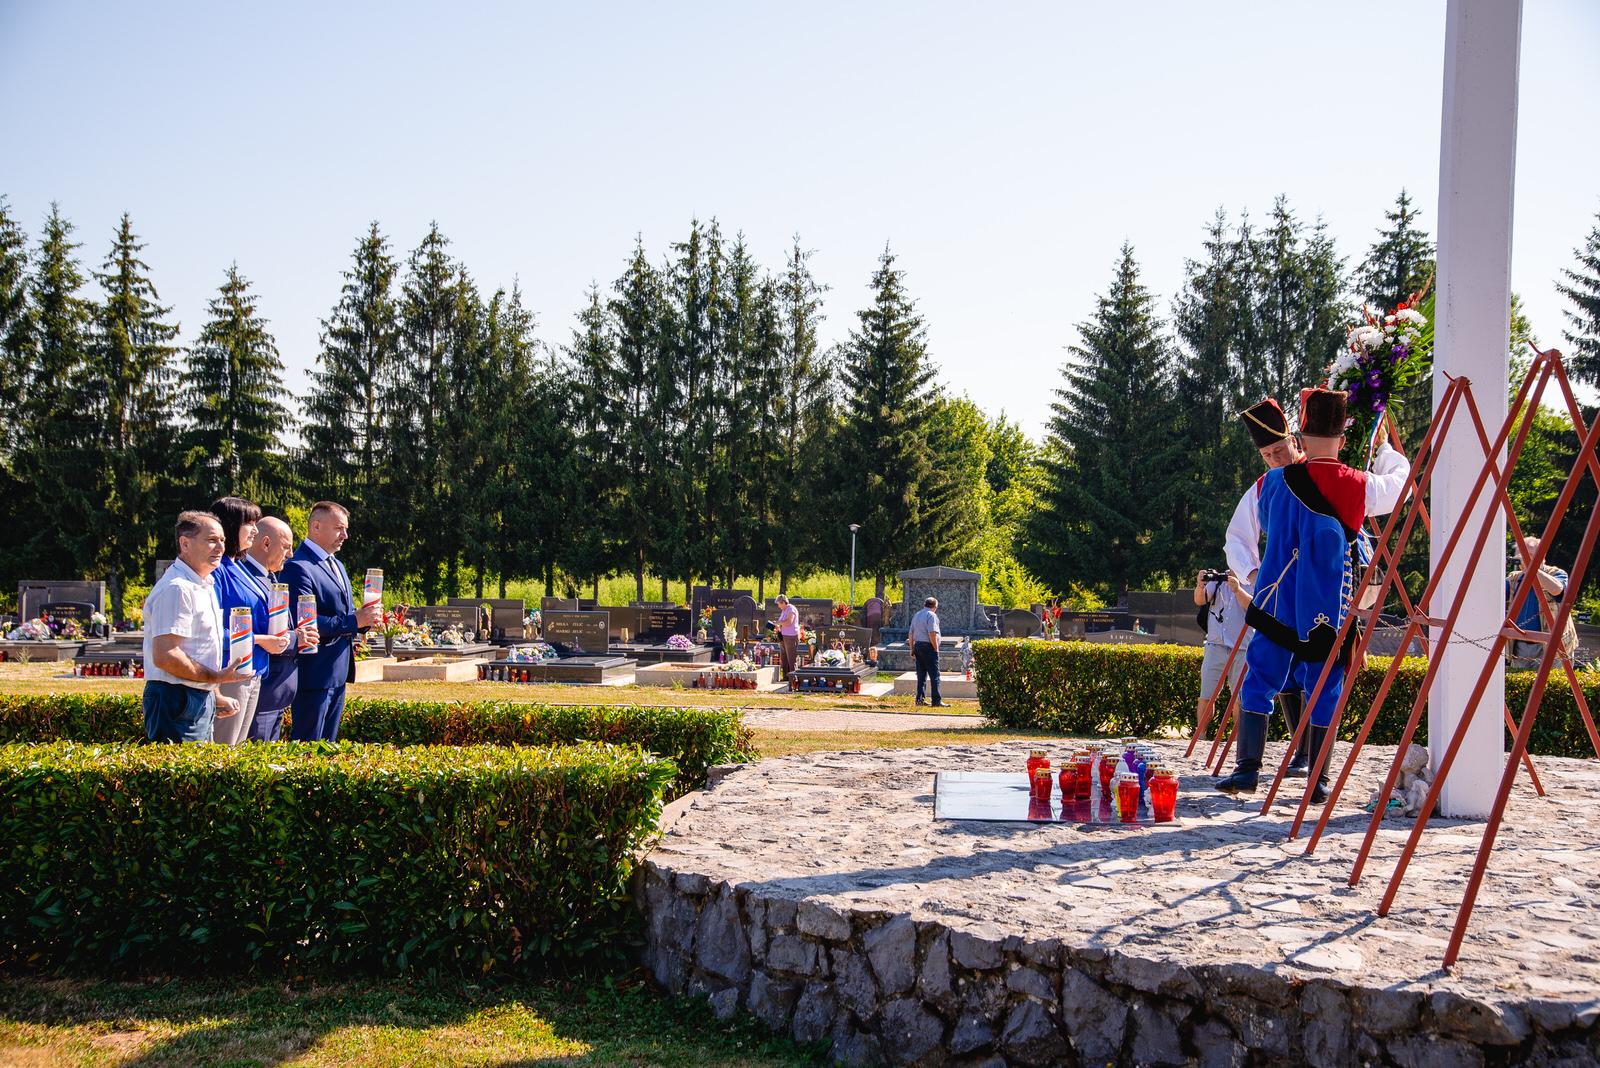 likaclub_polaganje vijenaca i sveta misa_22_7_2020 (11)